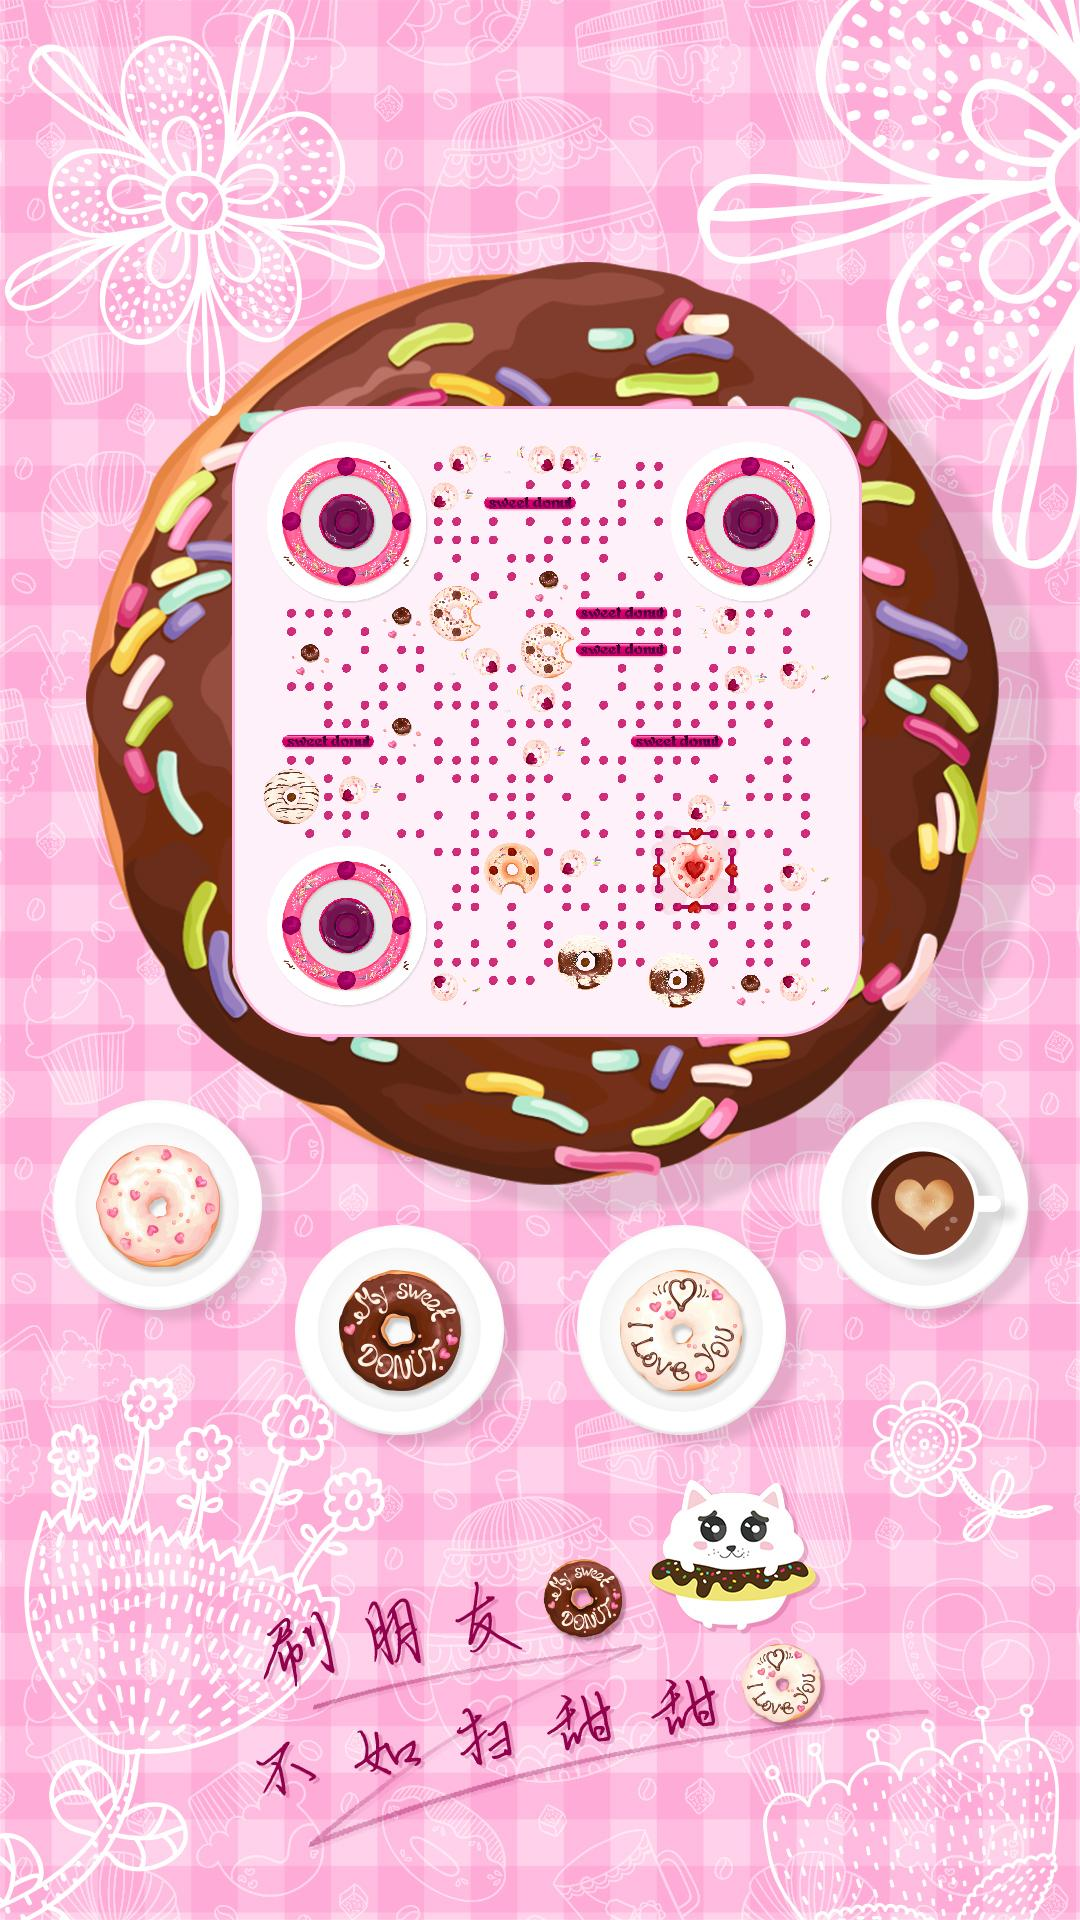 甜甜圈 艺术二维码